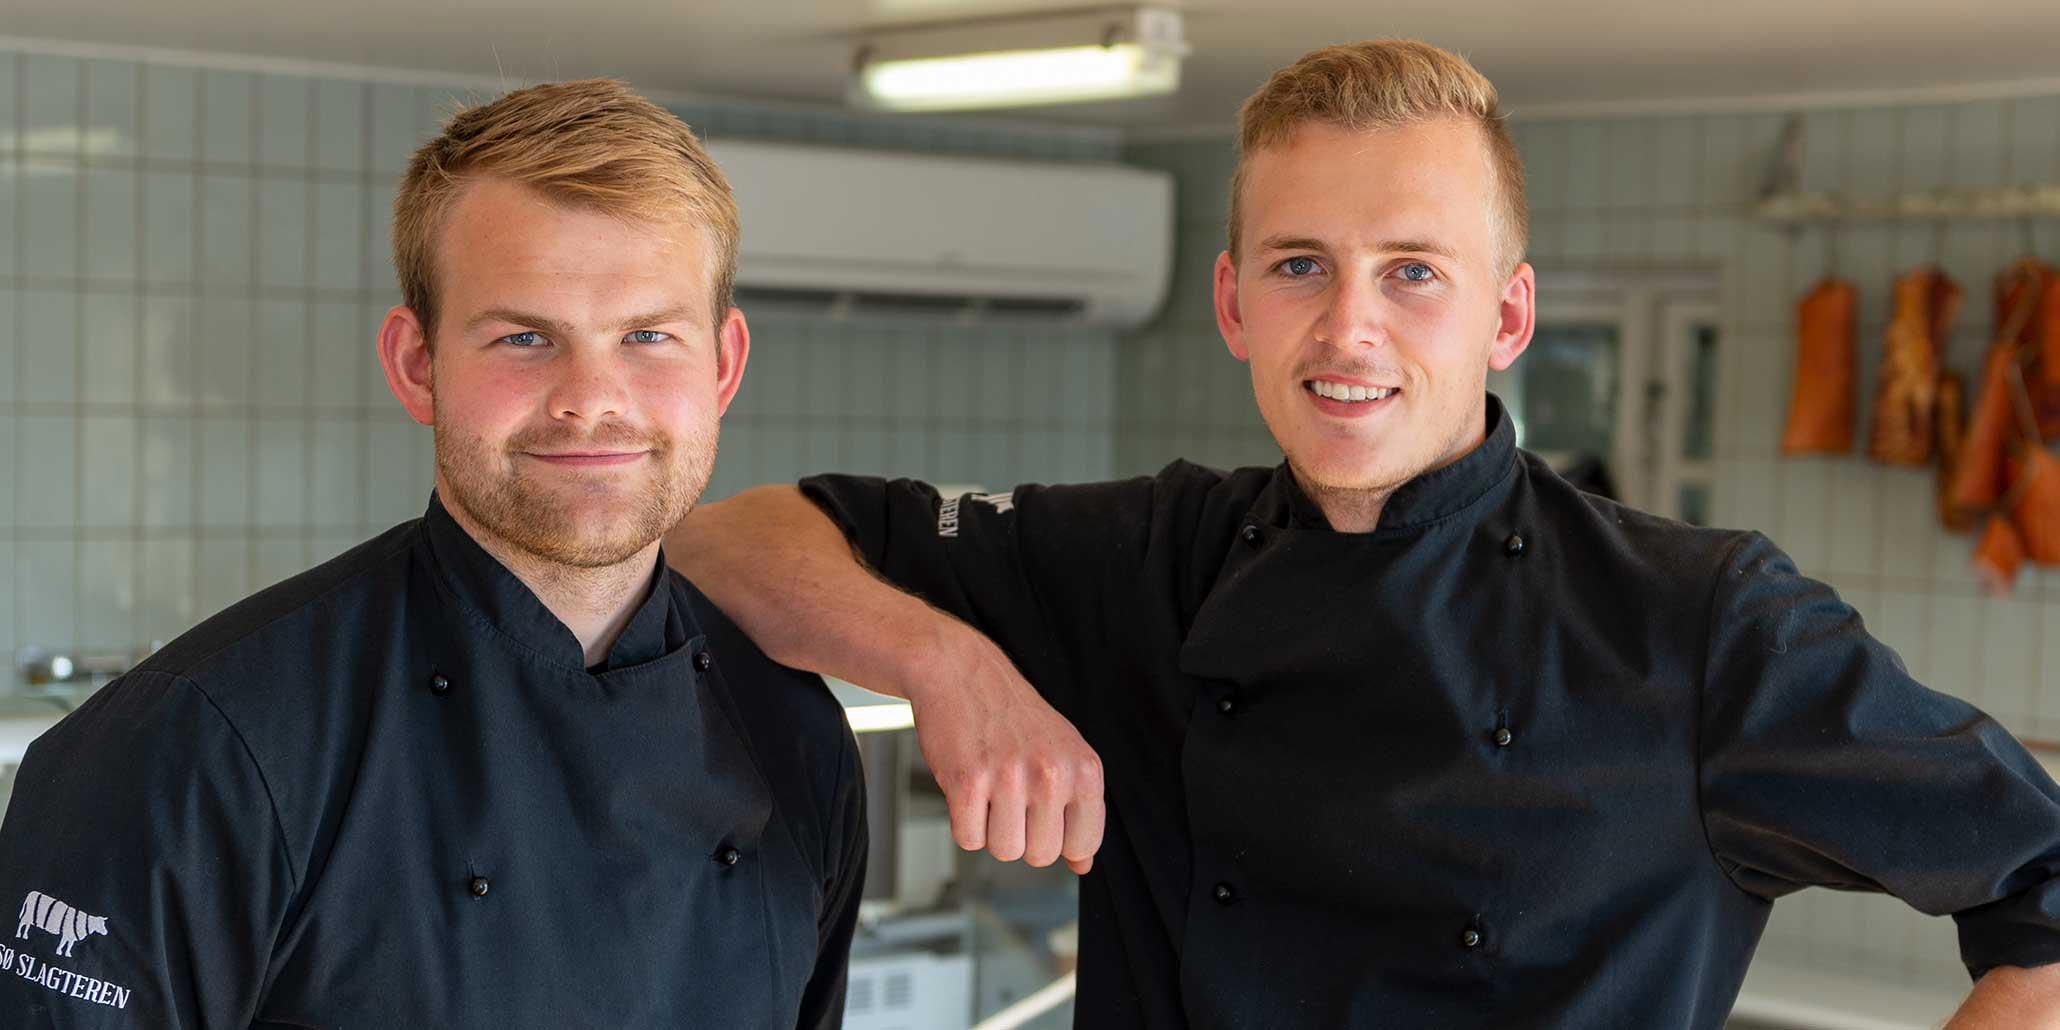 Billede af butikkens ejere Palle og Anders